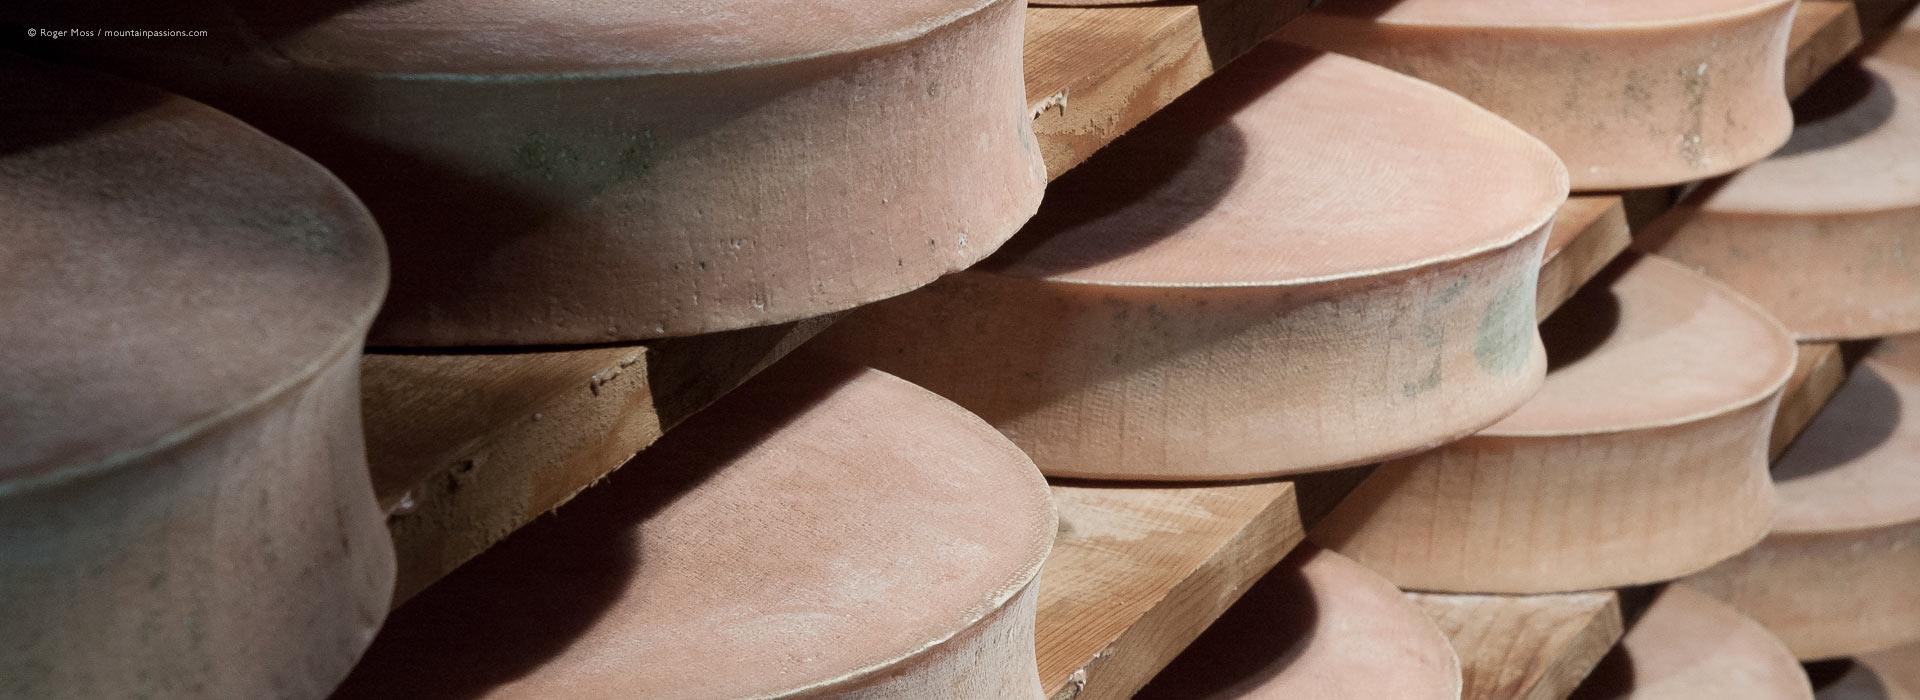 Beaufort cheeses maturing on racks